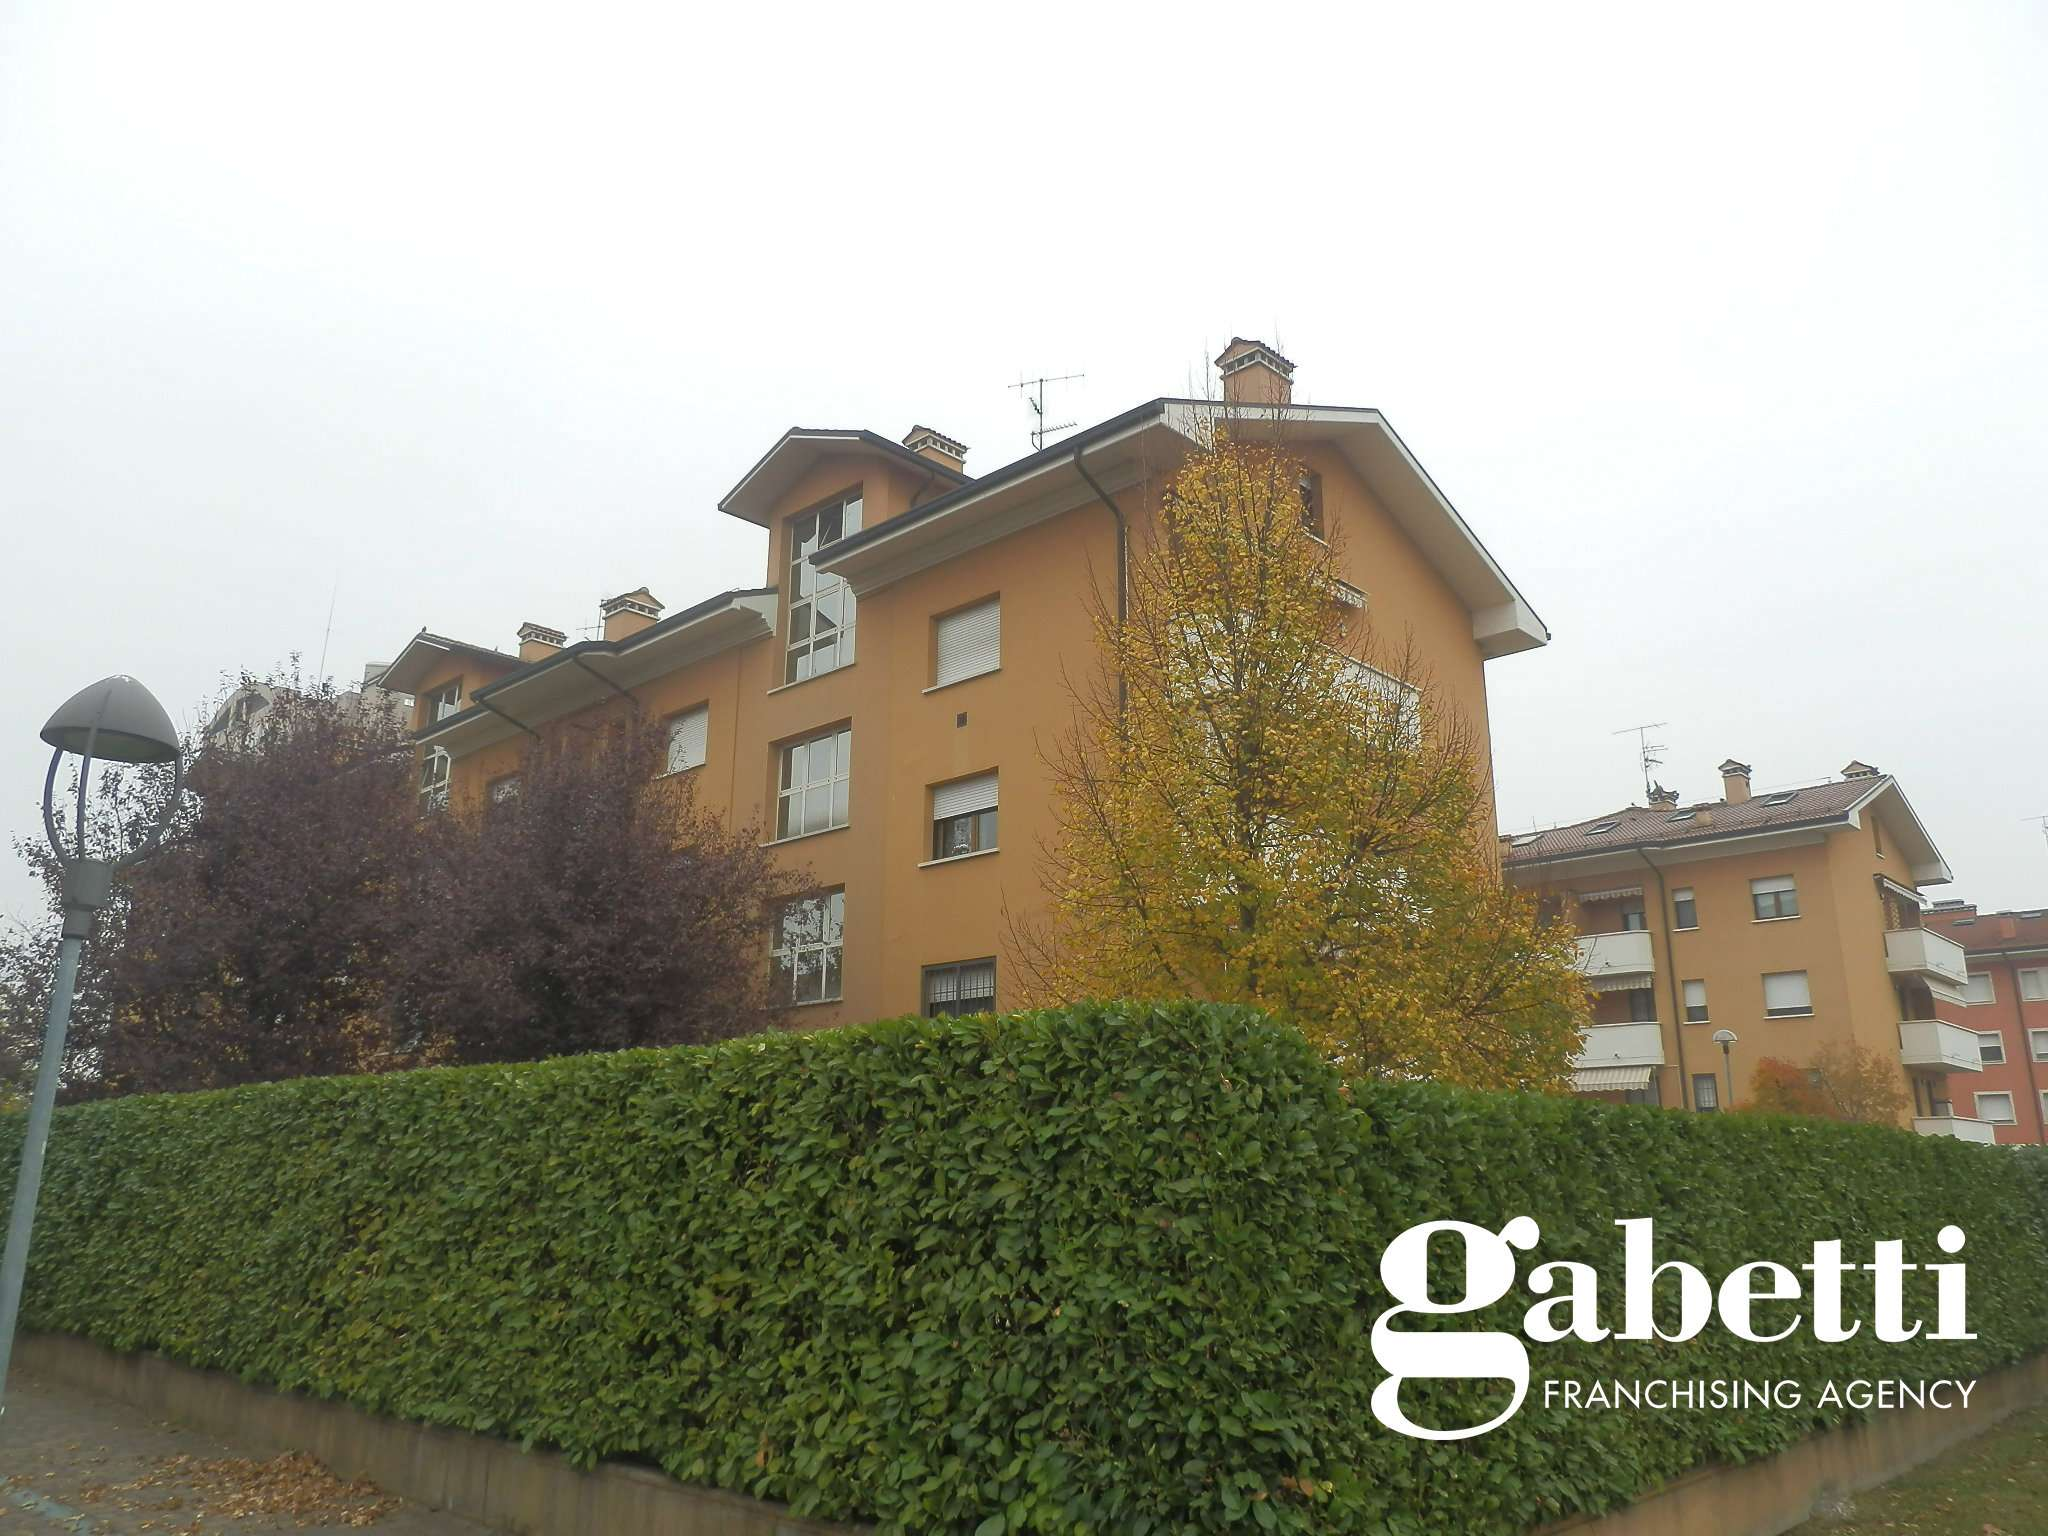 Attico / Mansarda in vendita a Castel Maggiore, 6 locali, prezzo € 390.000 | CambioCasa.it